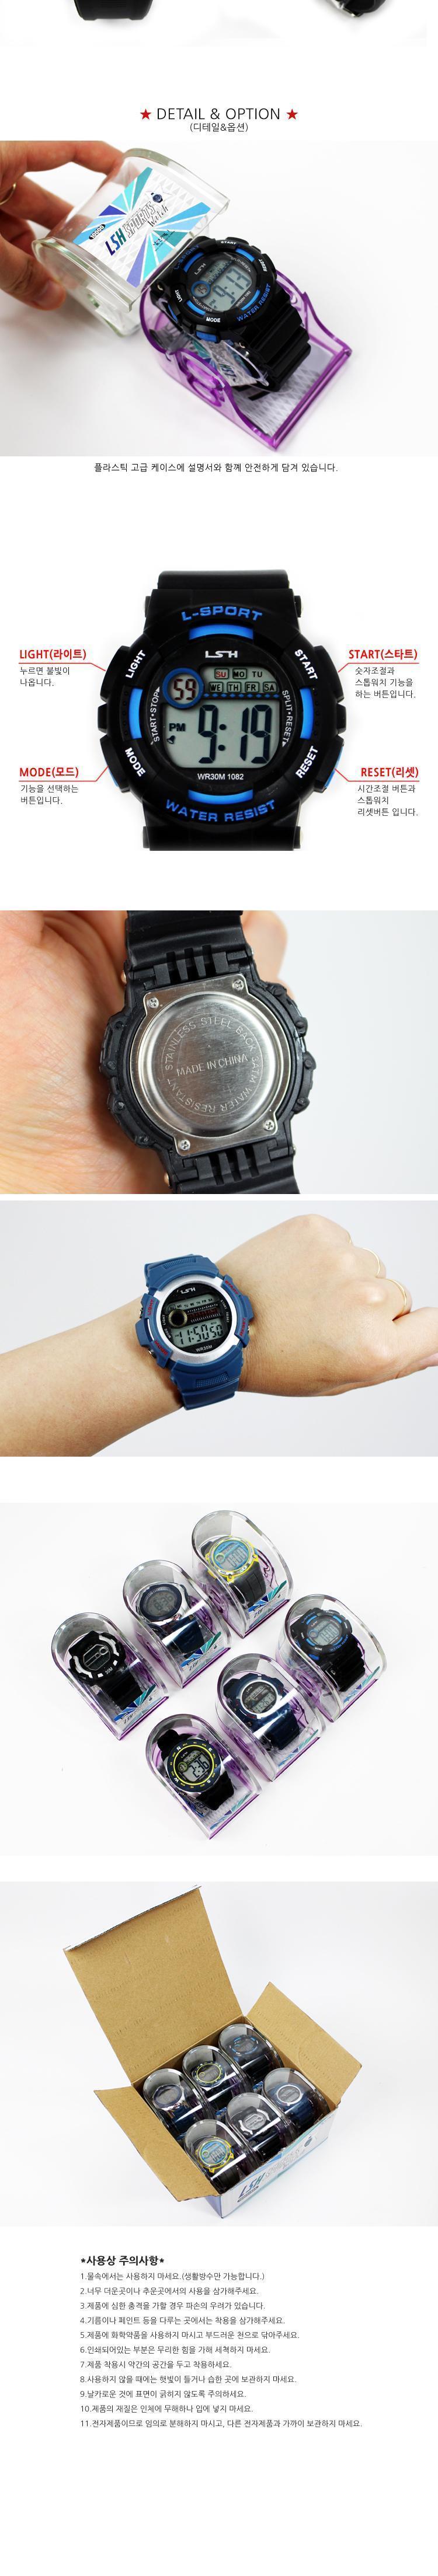 (03105)10000LSH스포츠손목시계(2층 C-3) 시계 손목시계 스포츠시계 디지털손목시계 전자시계 학생시계 남성용시계 아웃도어손목시계 스포츠손목시계 패션손목시계